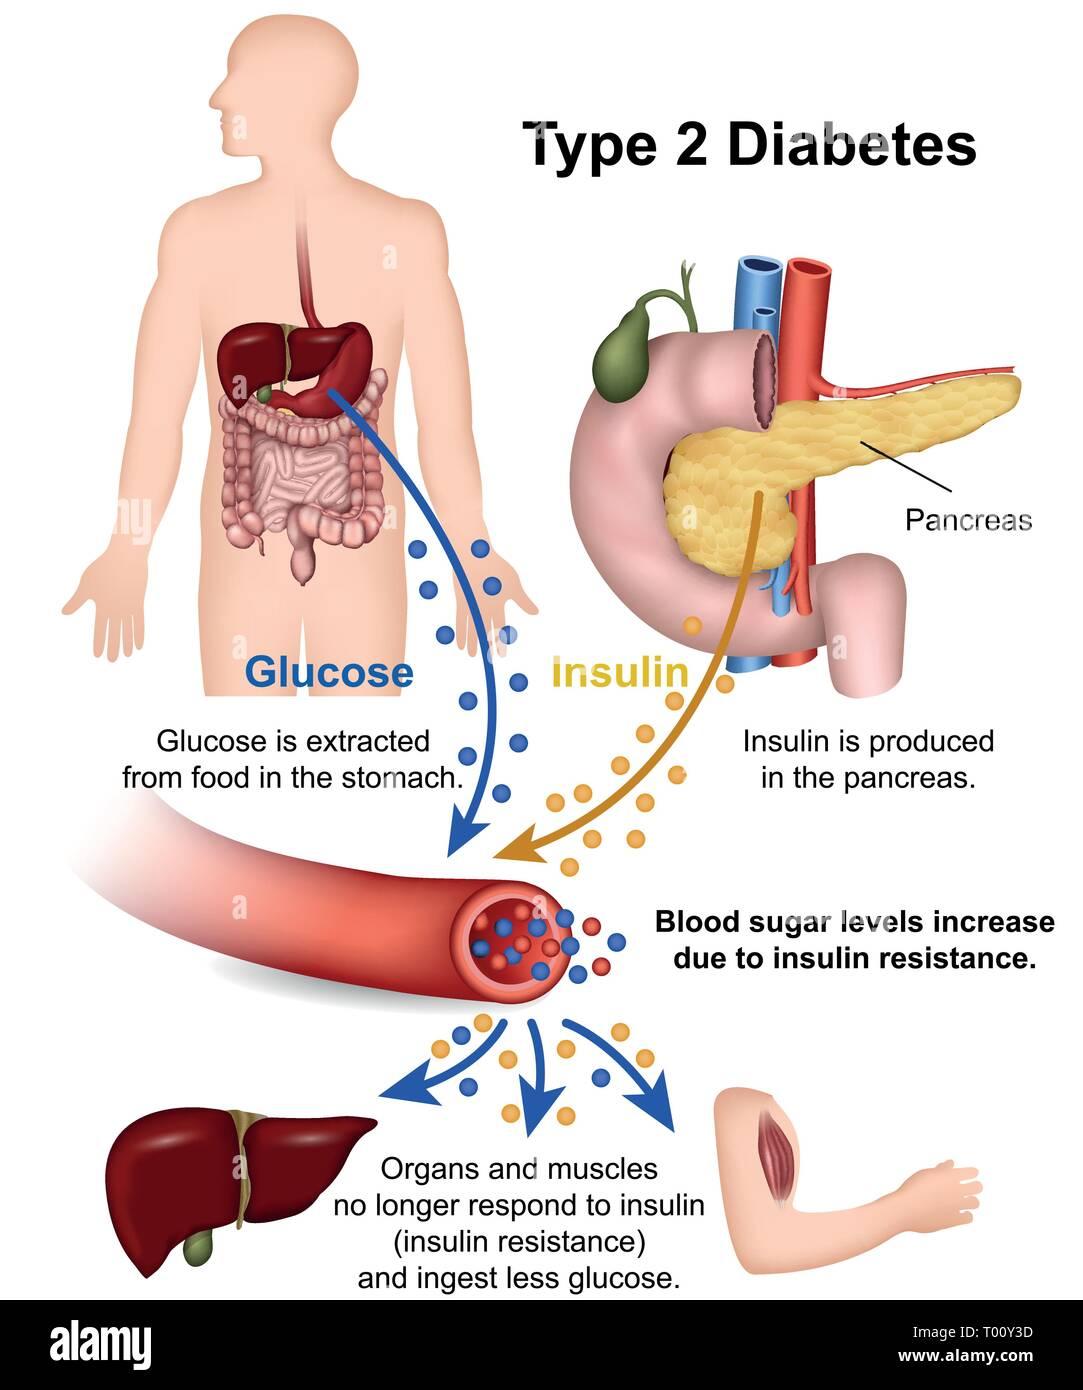 Weißt Du, was Diabetes bedeutet? Eine Diabetes Erklärung für Kinder - diabetes.moglebaum.com